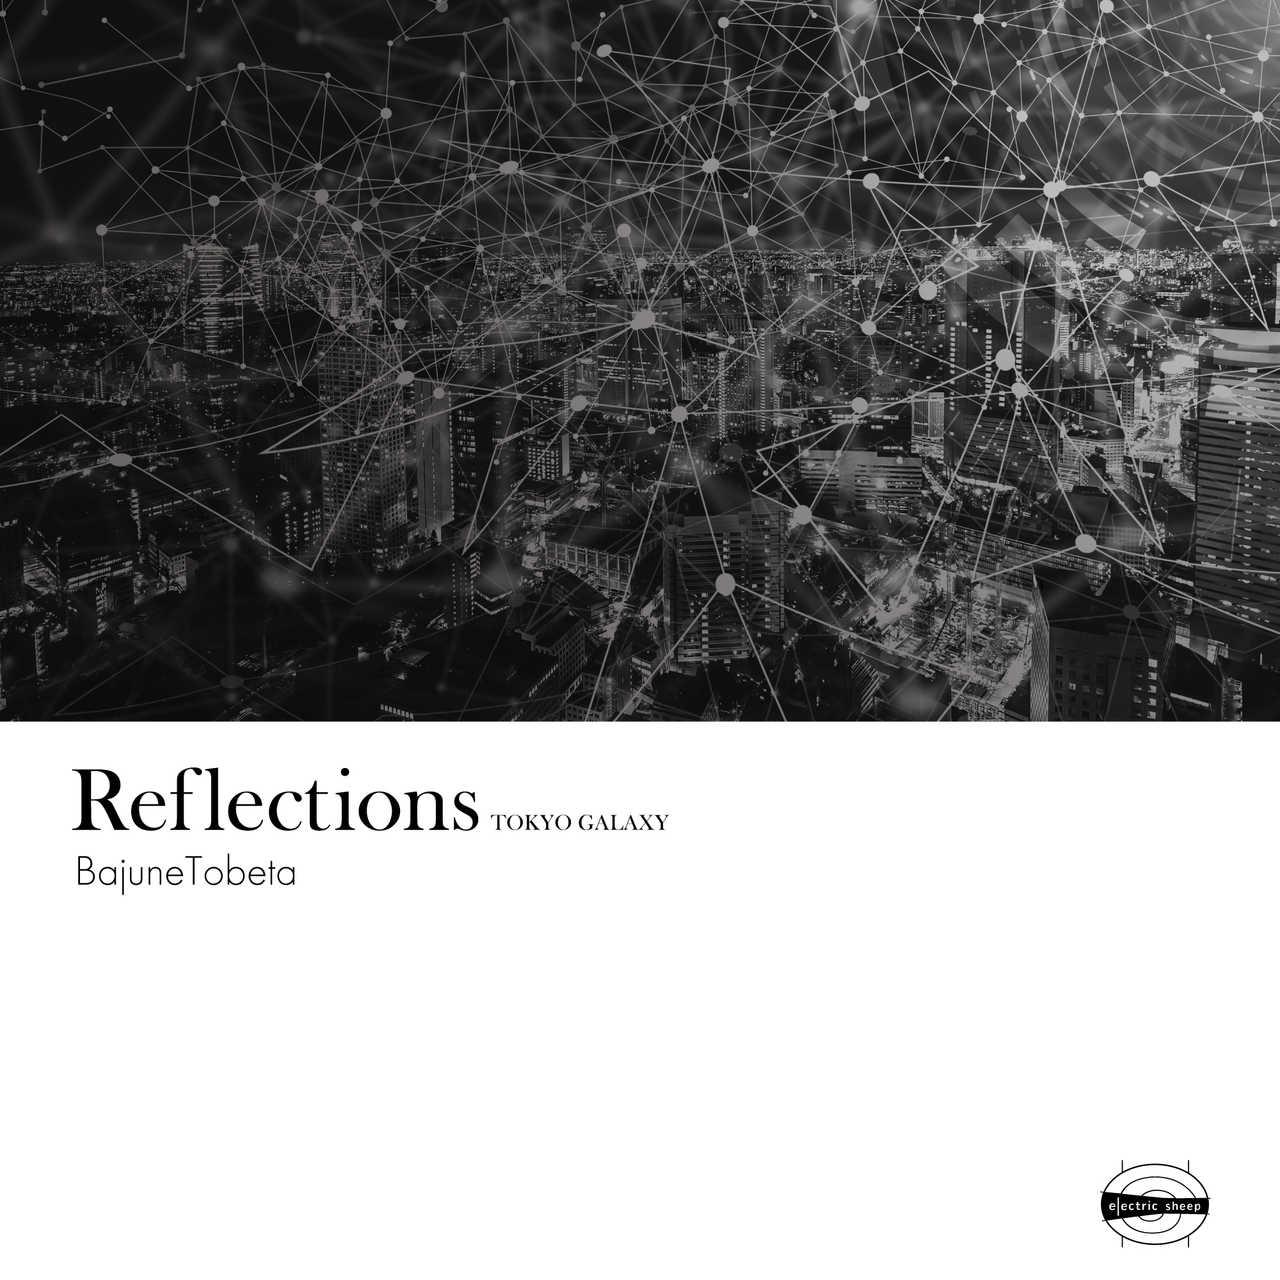 アルバム『Reflections-TOKYO GALAXY』